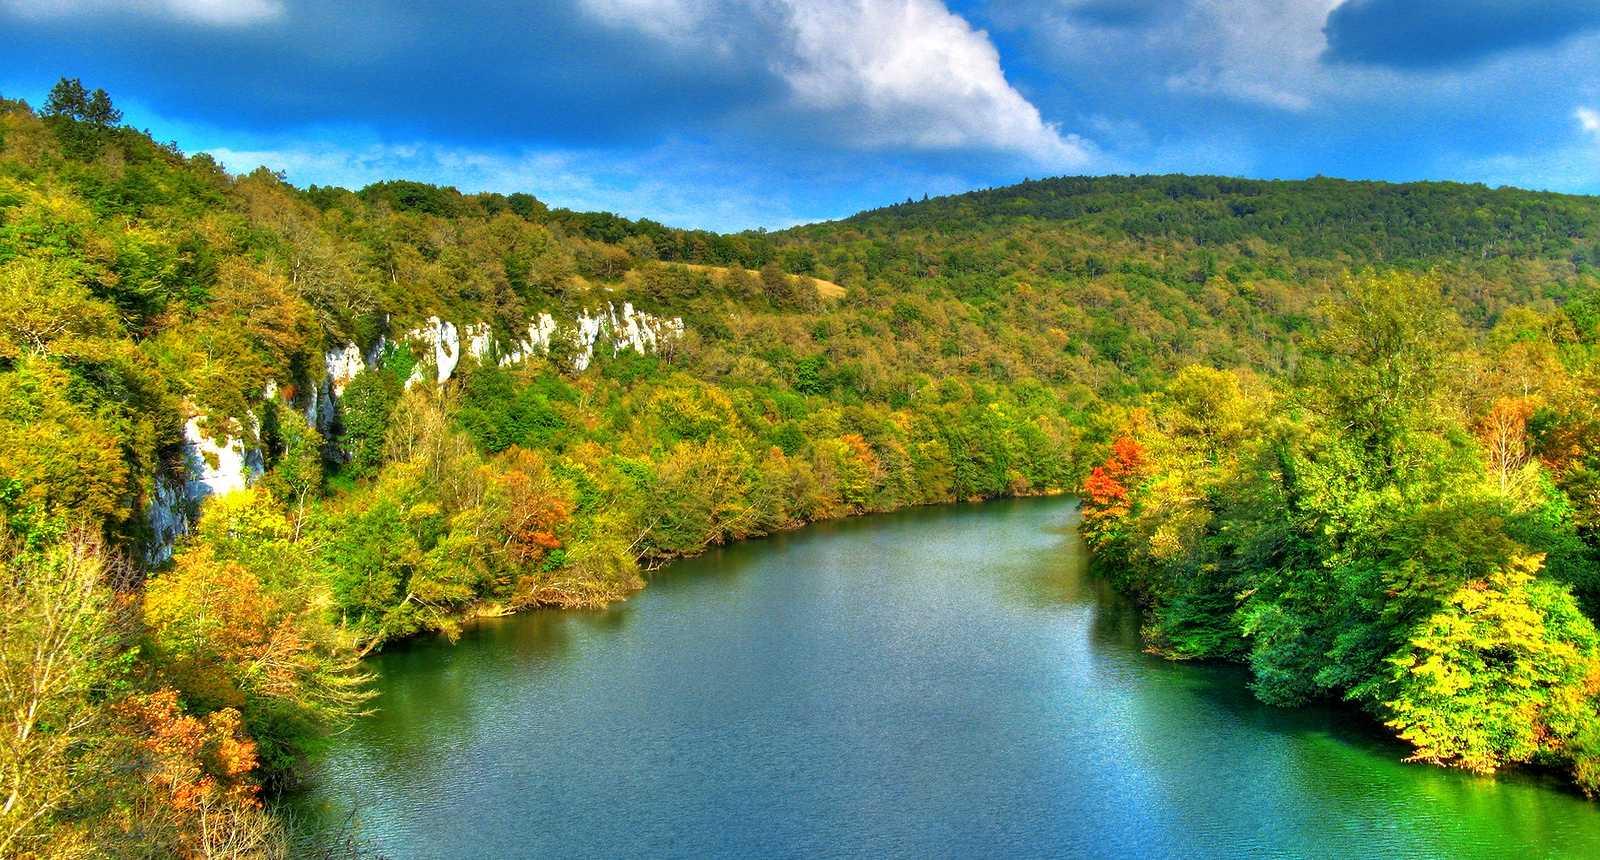 http://photos.tourisme-en-france.com/petitesregions/franche-comte/lacs-et-petite-montagne/5_gorges-de-l-ain-en-automne.jpg